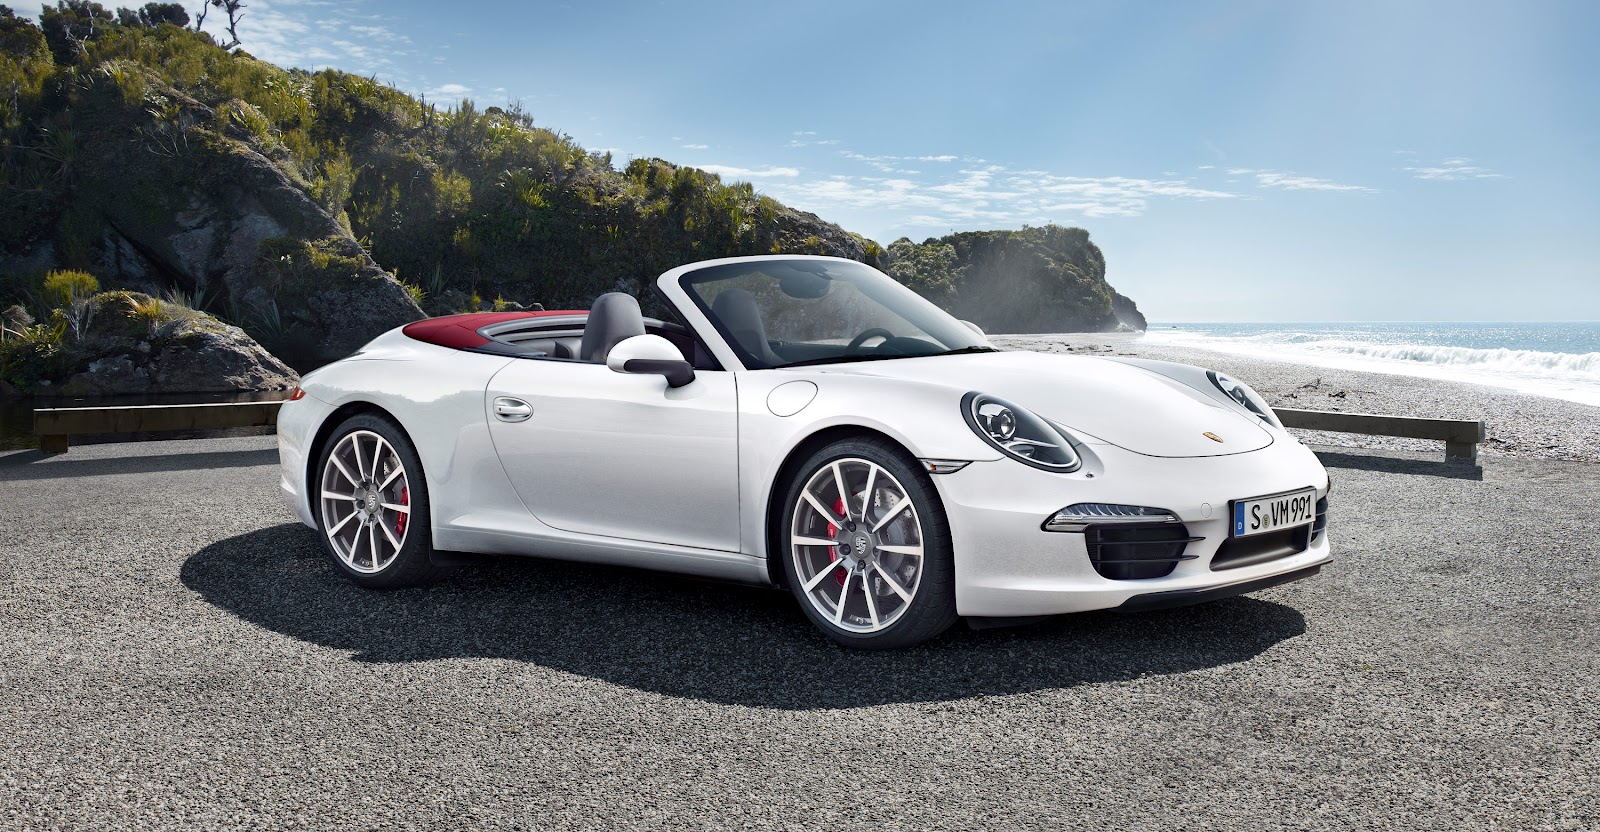 Gallery S 911 Carrera 4 Gts Cabriolet Porsche